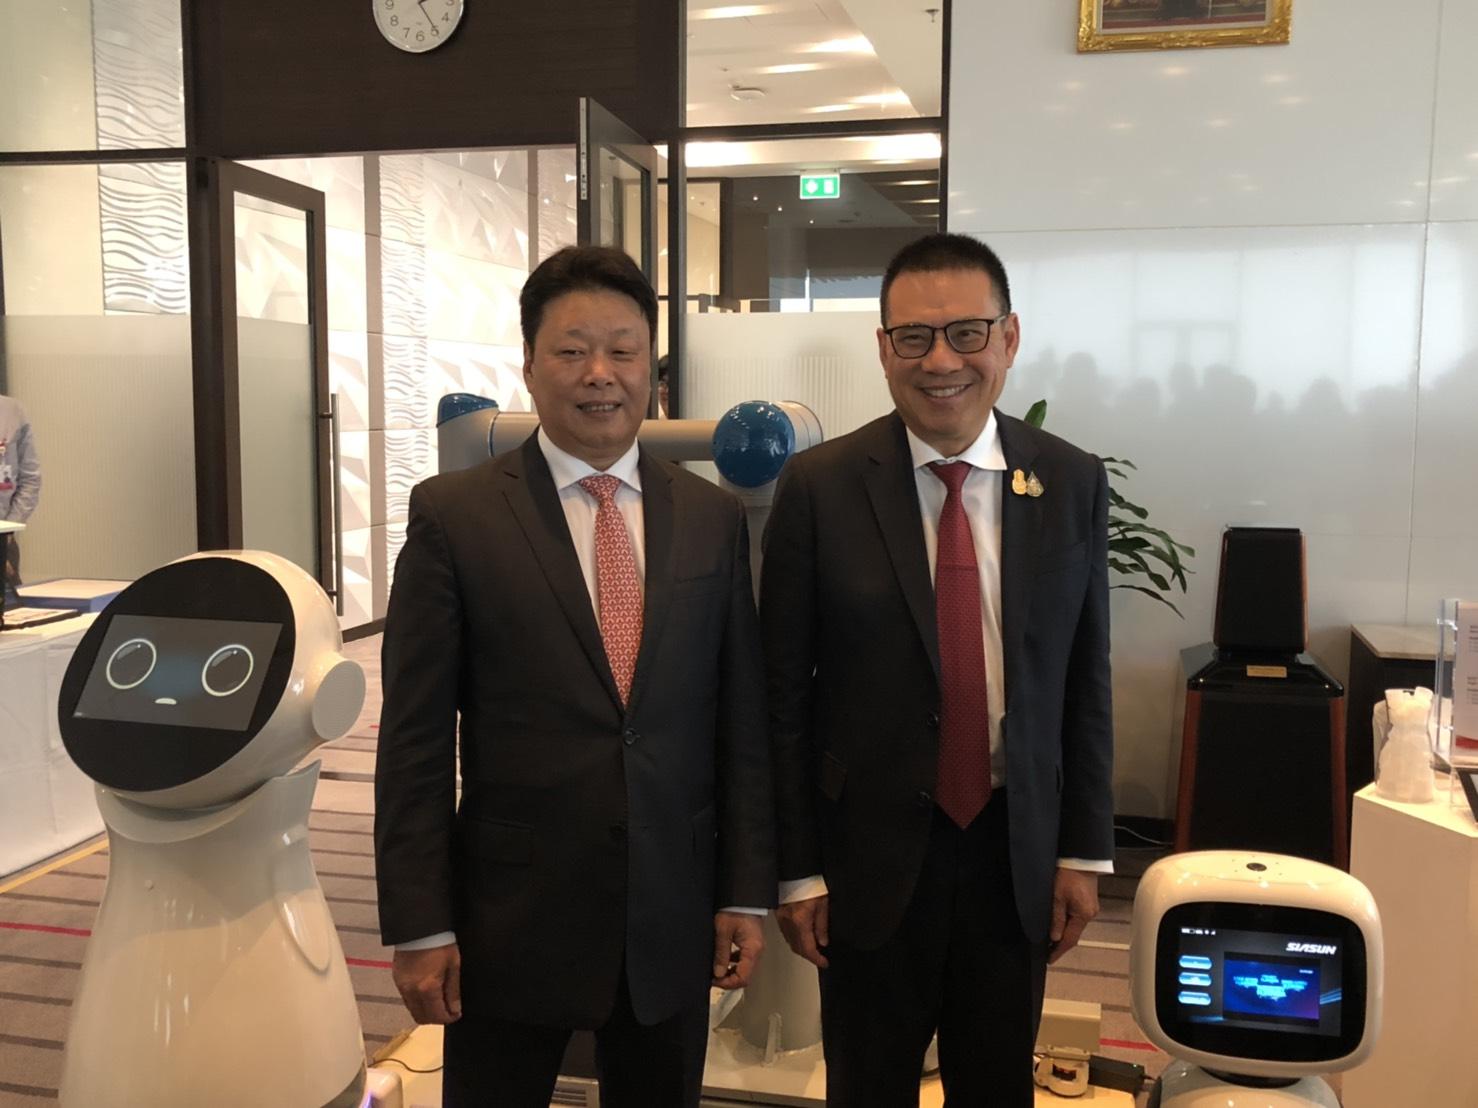 SCCผนึกสถาบันฯจีนพัฒนาเทคโนฯ-ตั้งศูนย์นวัตกรรม